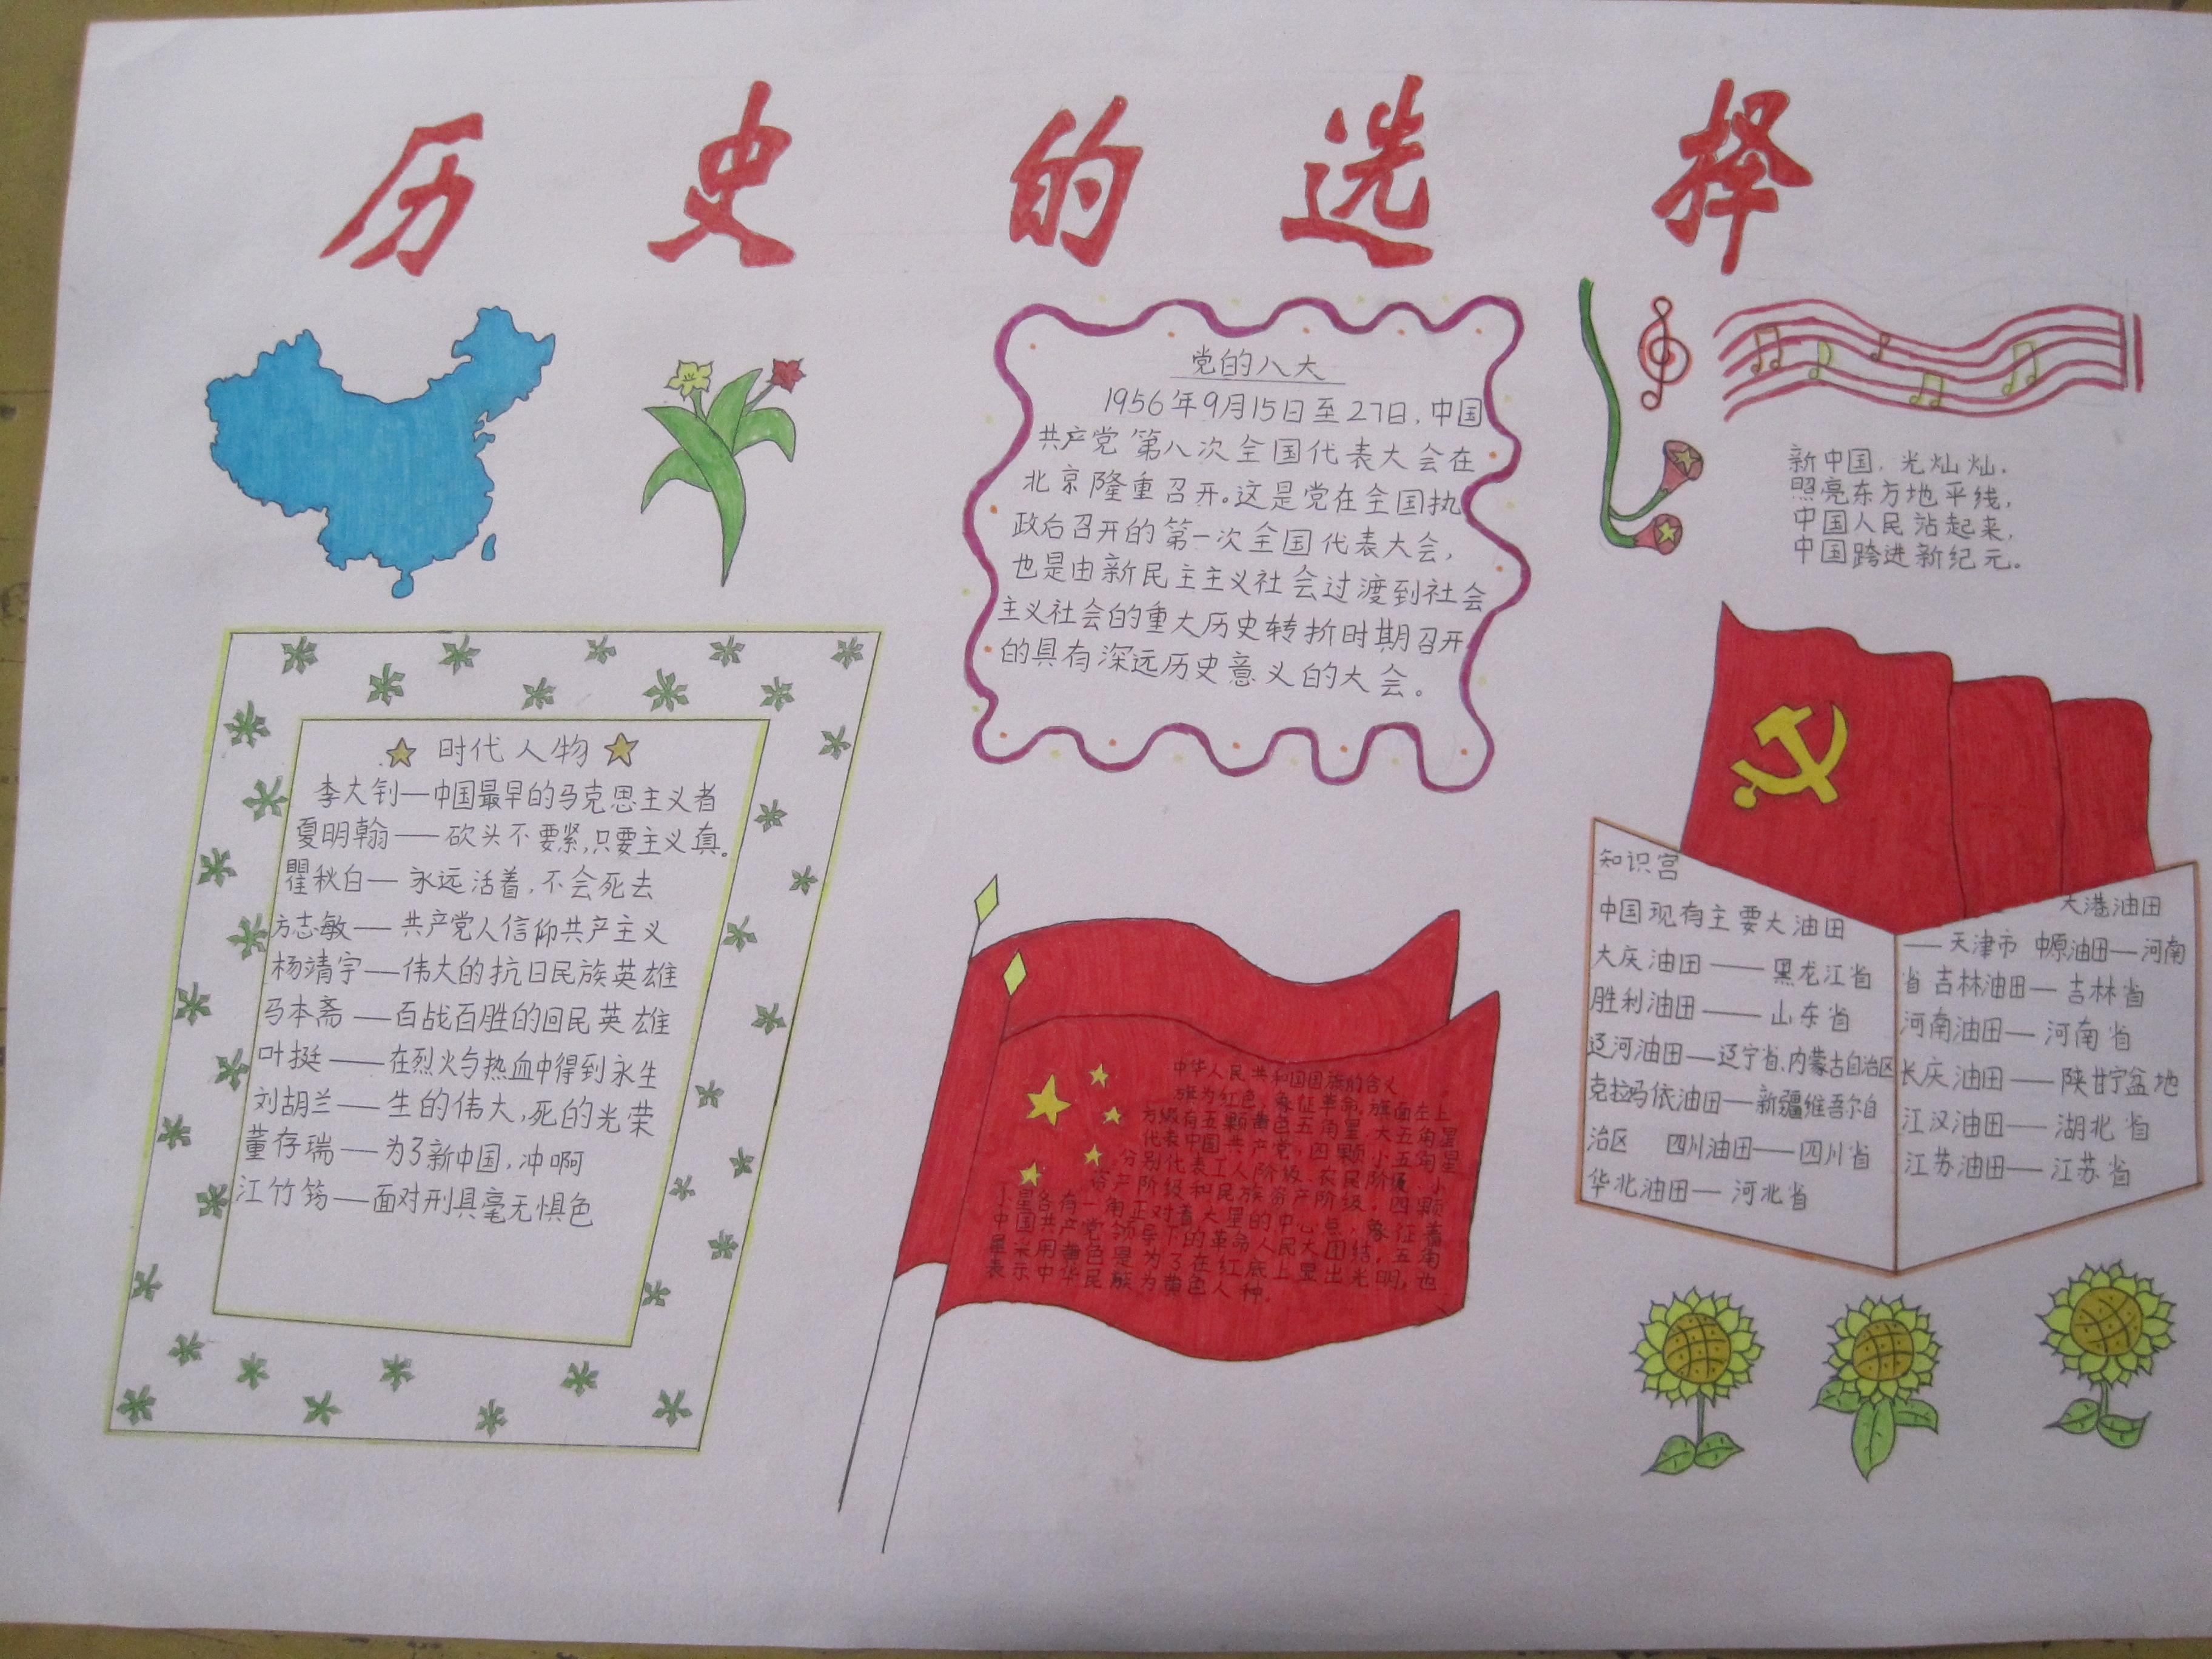 爱国主义教育手抄报 - 红领巾相约中国梦动态上传